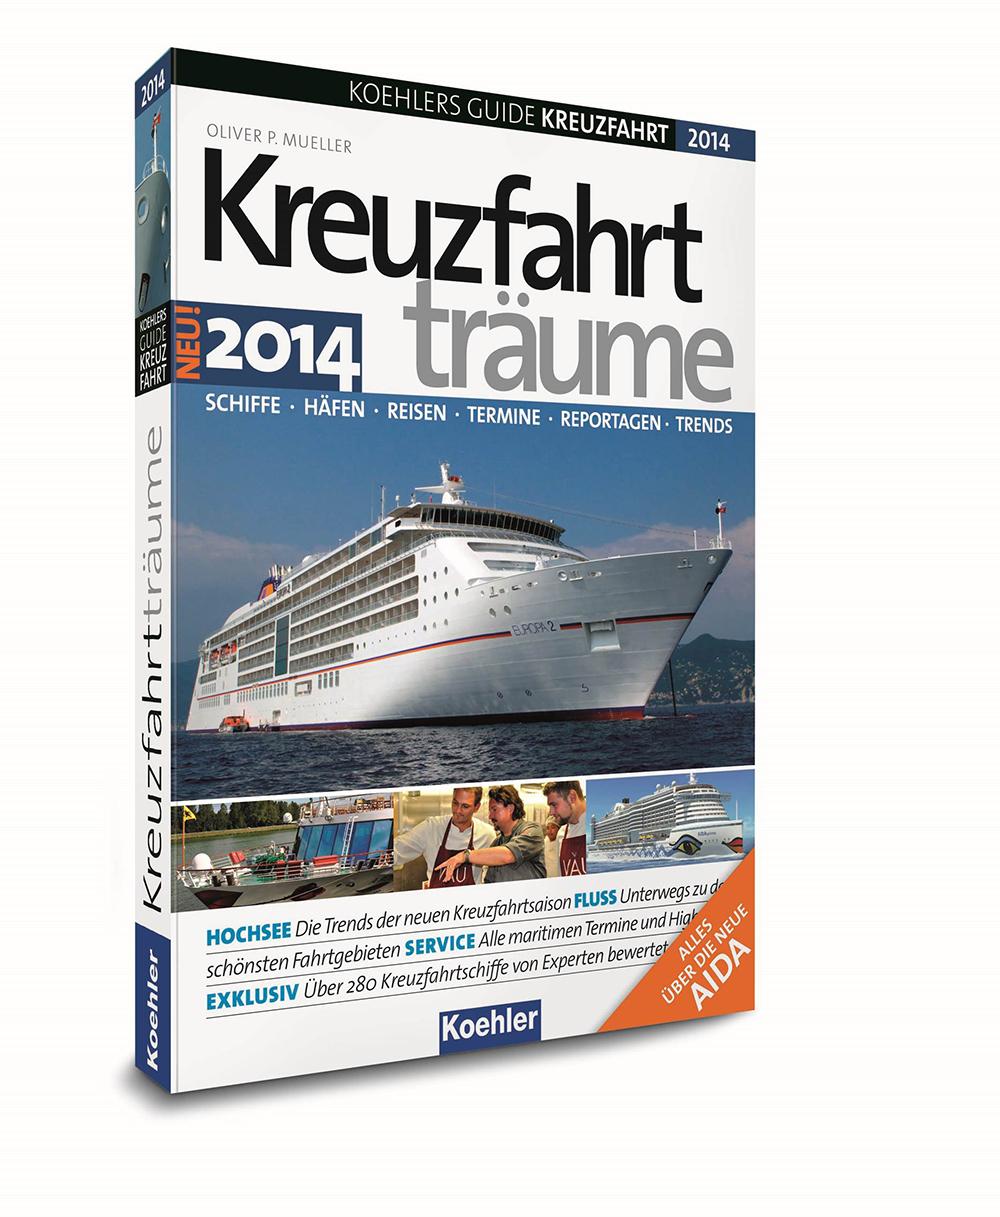 KOEHLERS GUIDE KREUZFAHRT 2014 - Kreuzfahrtträu...